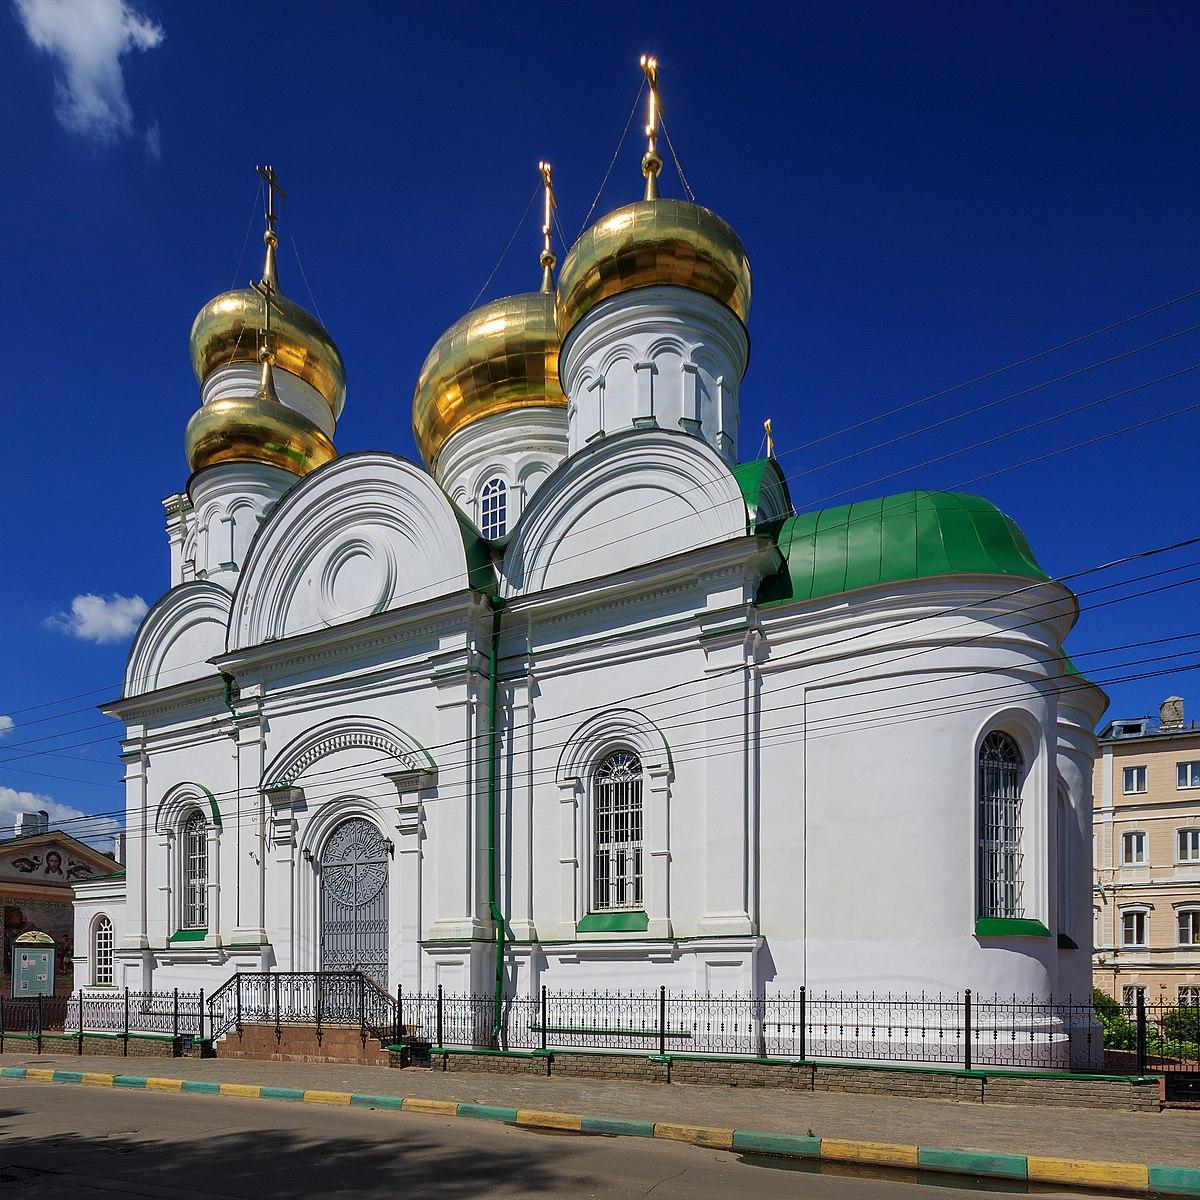 Храм сергия радонежского нижний новгород расписание